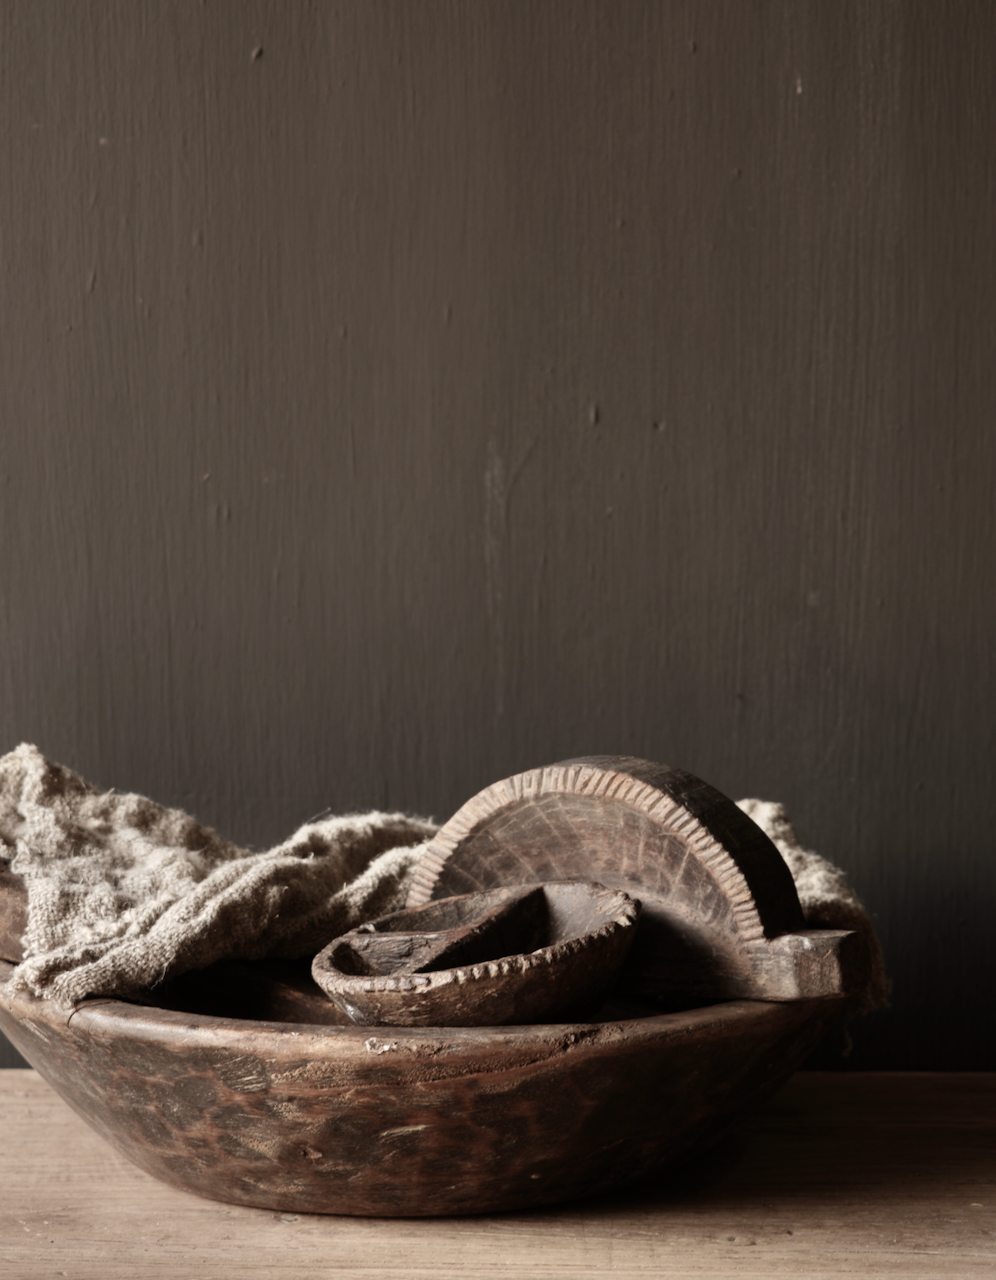 Alte nepalesische Gewürzkiste aus Holz-1